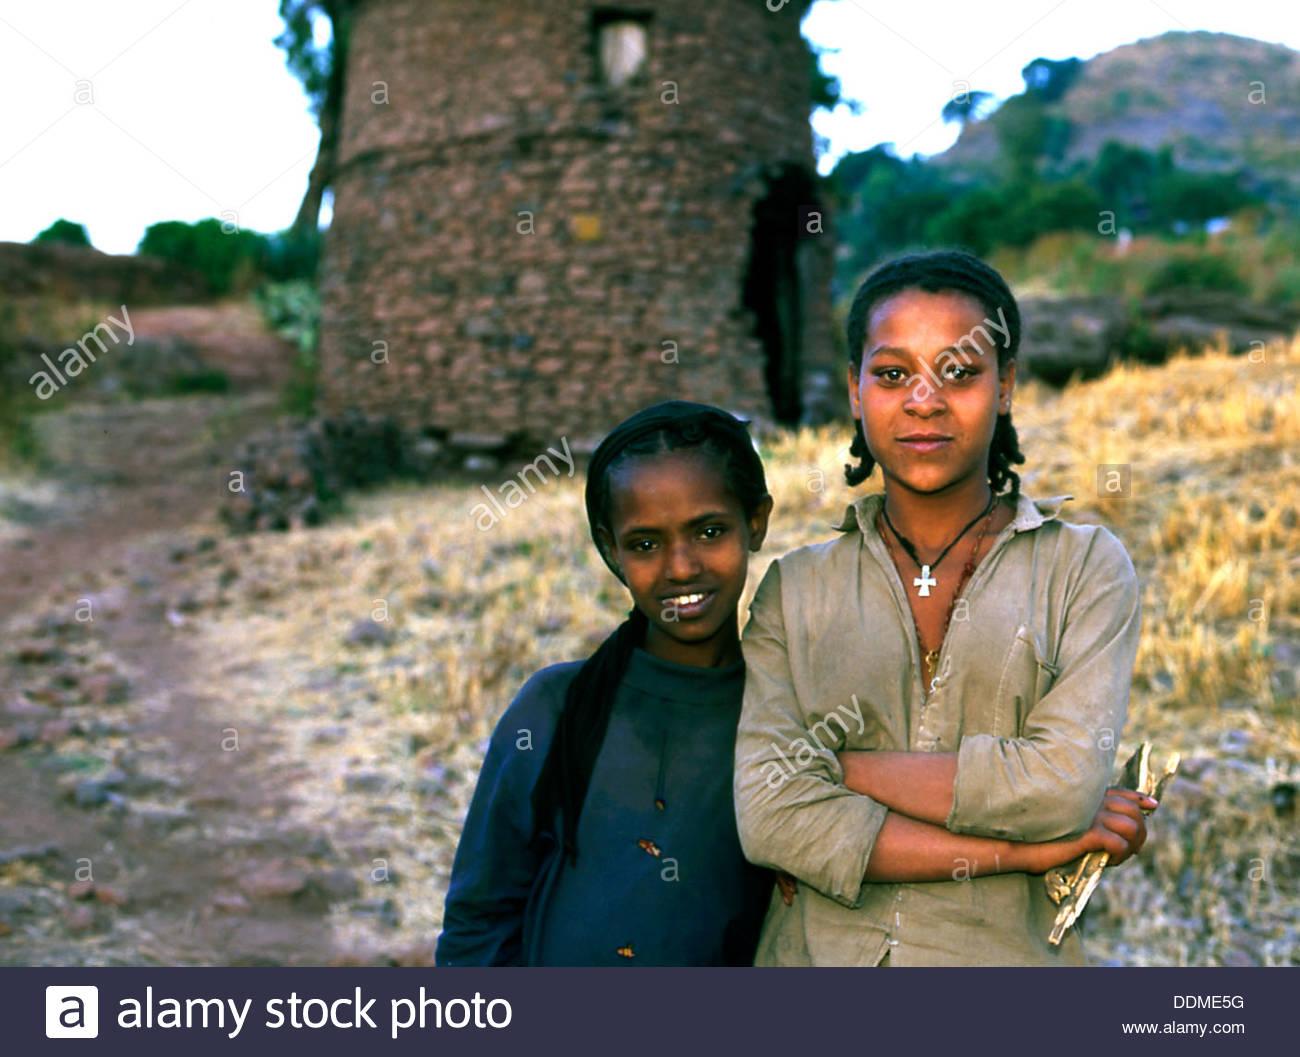 Girls at Lalibela, Ethiopia. Artist: Jacob Lyell - Stock Image